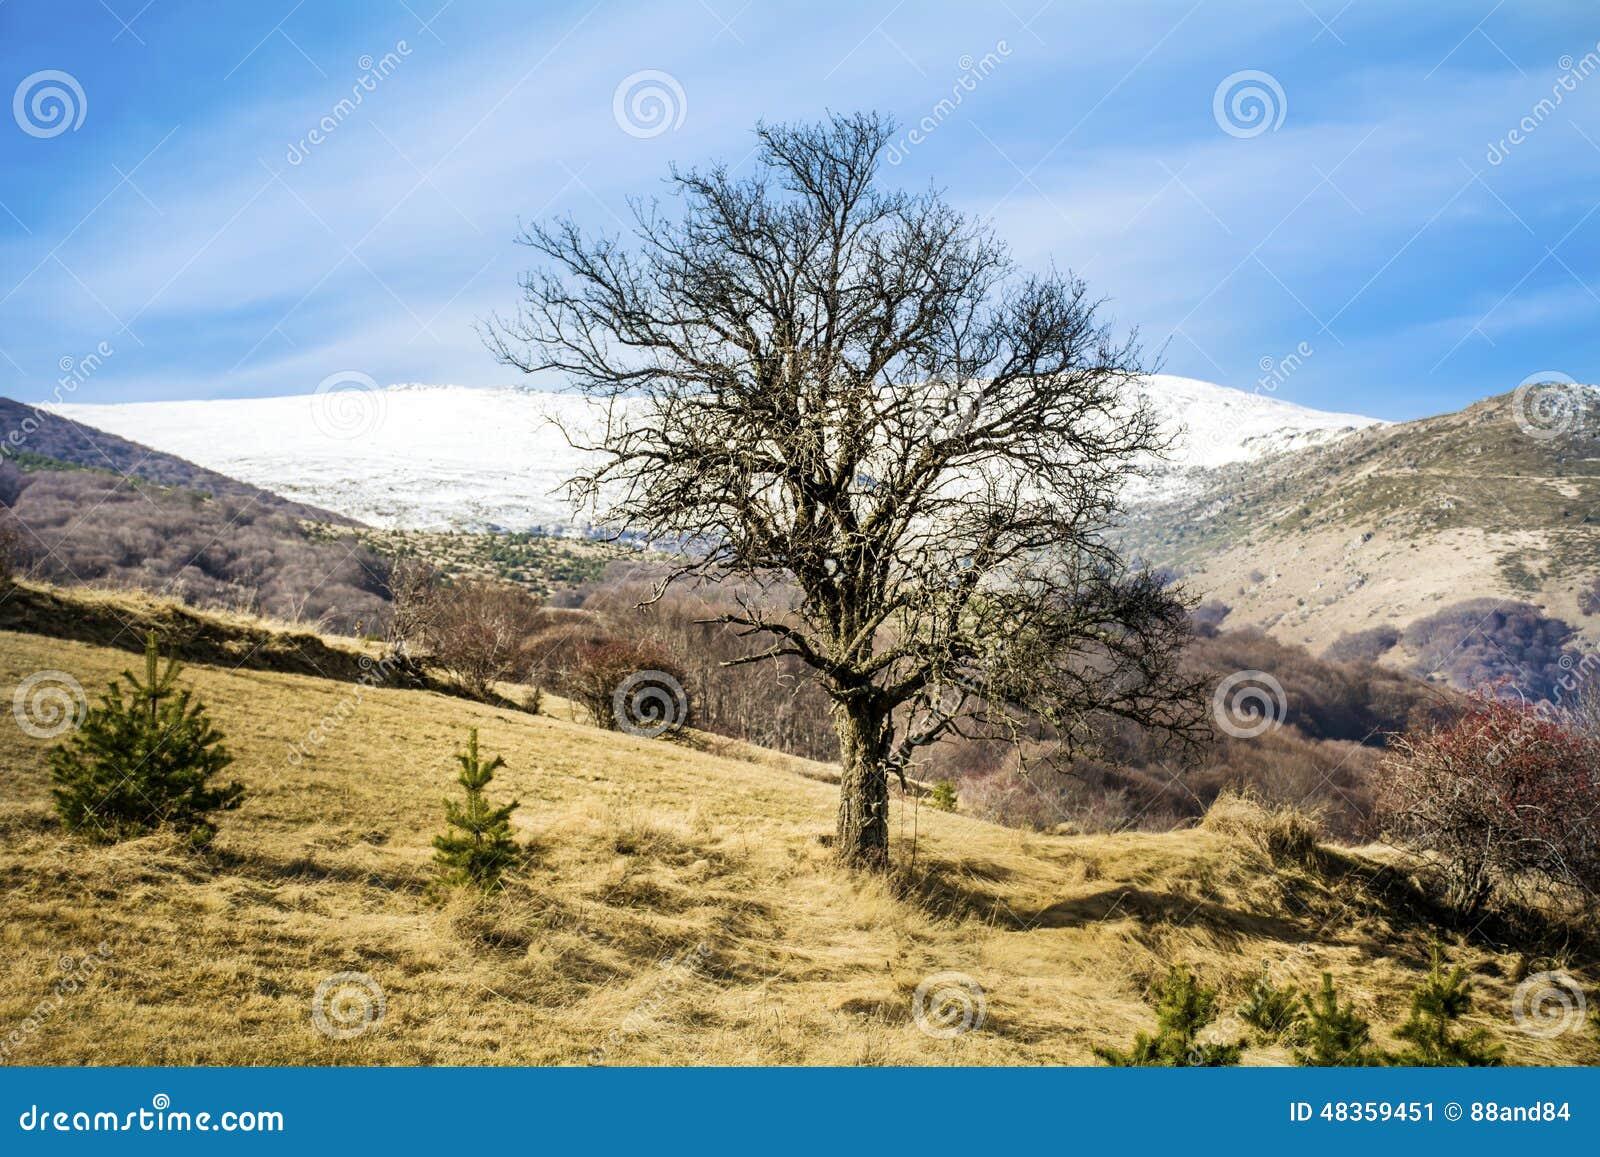 beau paysage de montagne d 39 hiver de bulgarie image stock image 48359451. Black Bedroom Furniture Sets. Home Design Ideas